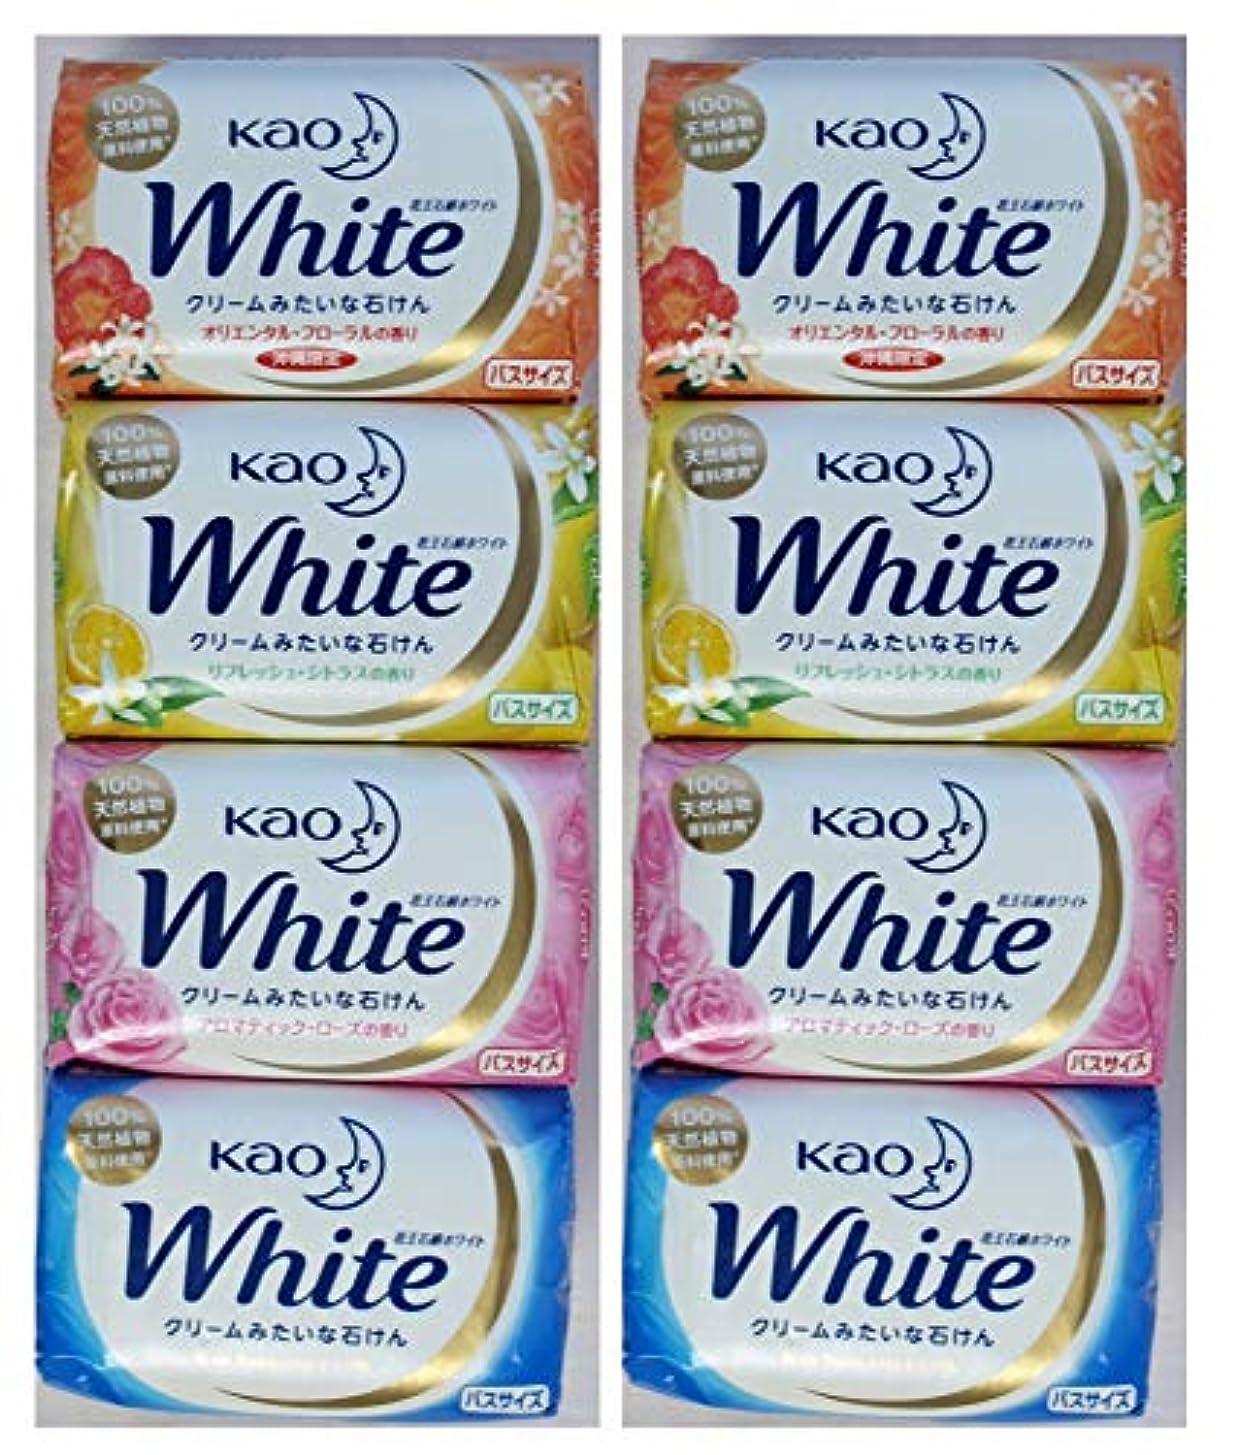 ブース両方祝福561988-8P 花王 Kao 石けんホワイト 4つの香り(オリエンタルフローラル/ホワイトフローラル/アロマティックローズ/リフレッシュシトラスの4種) 130g×4種×2set 計8個